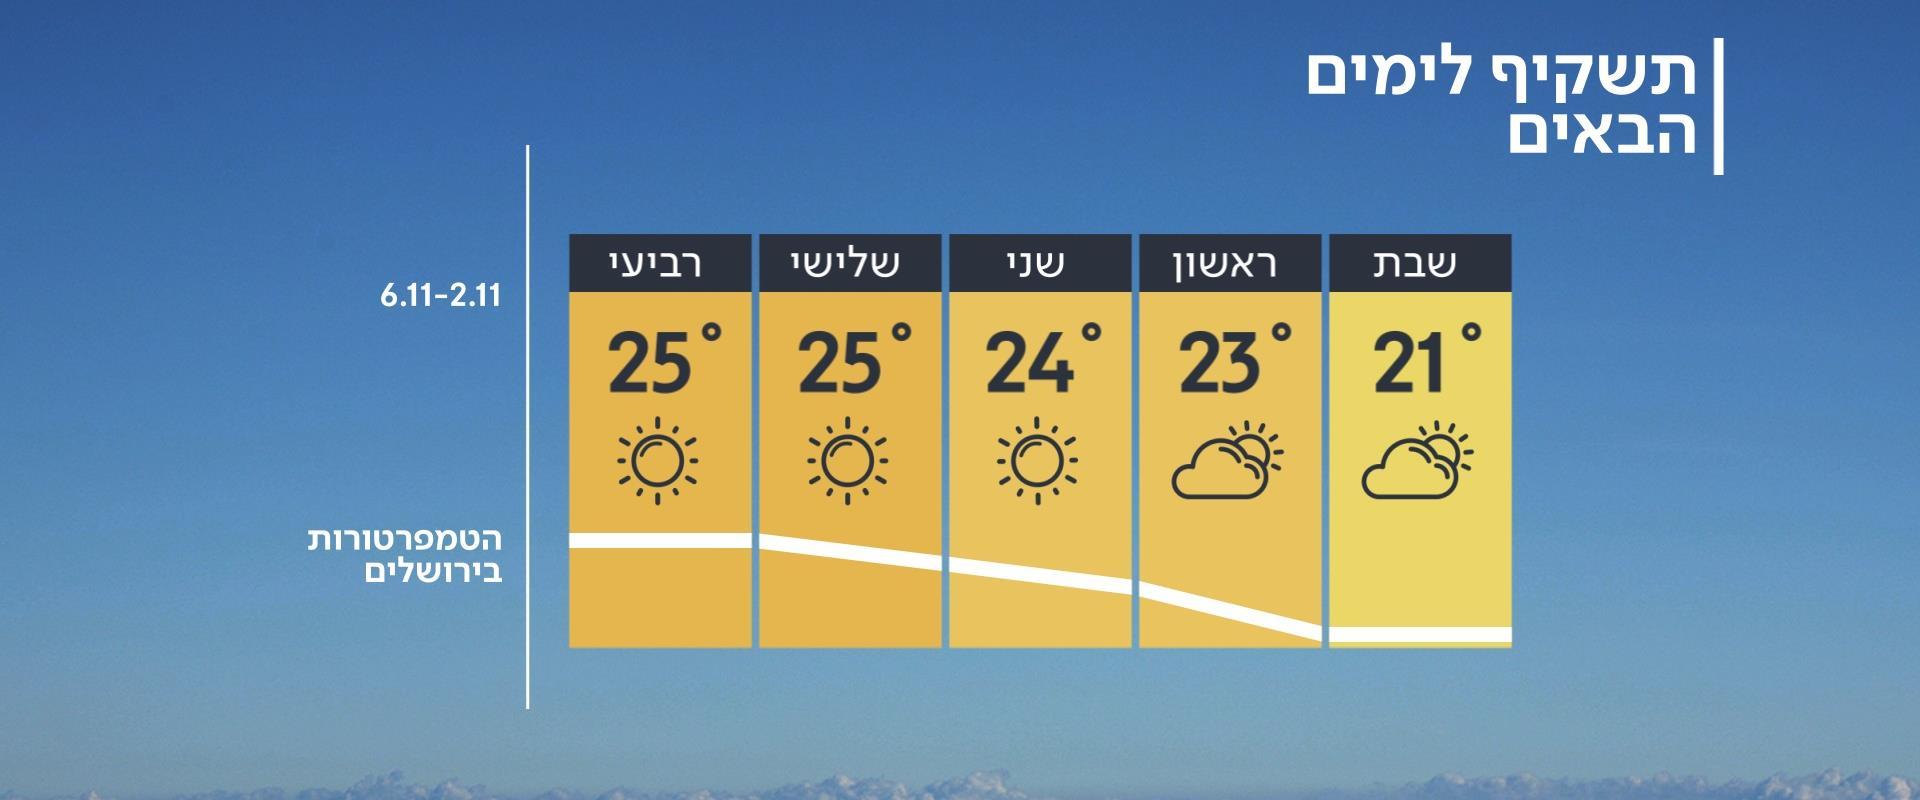 תחזית מזג האוויר, 01.11.19